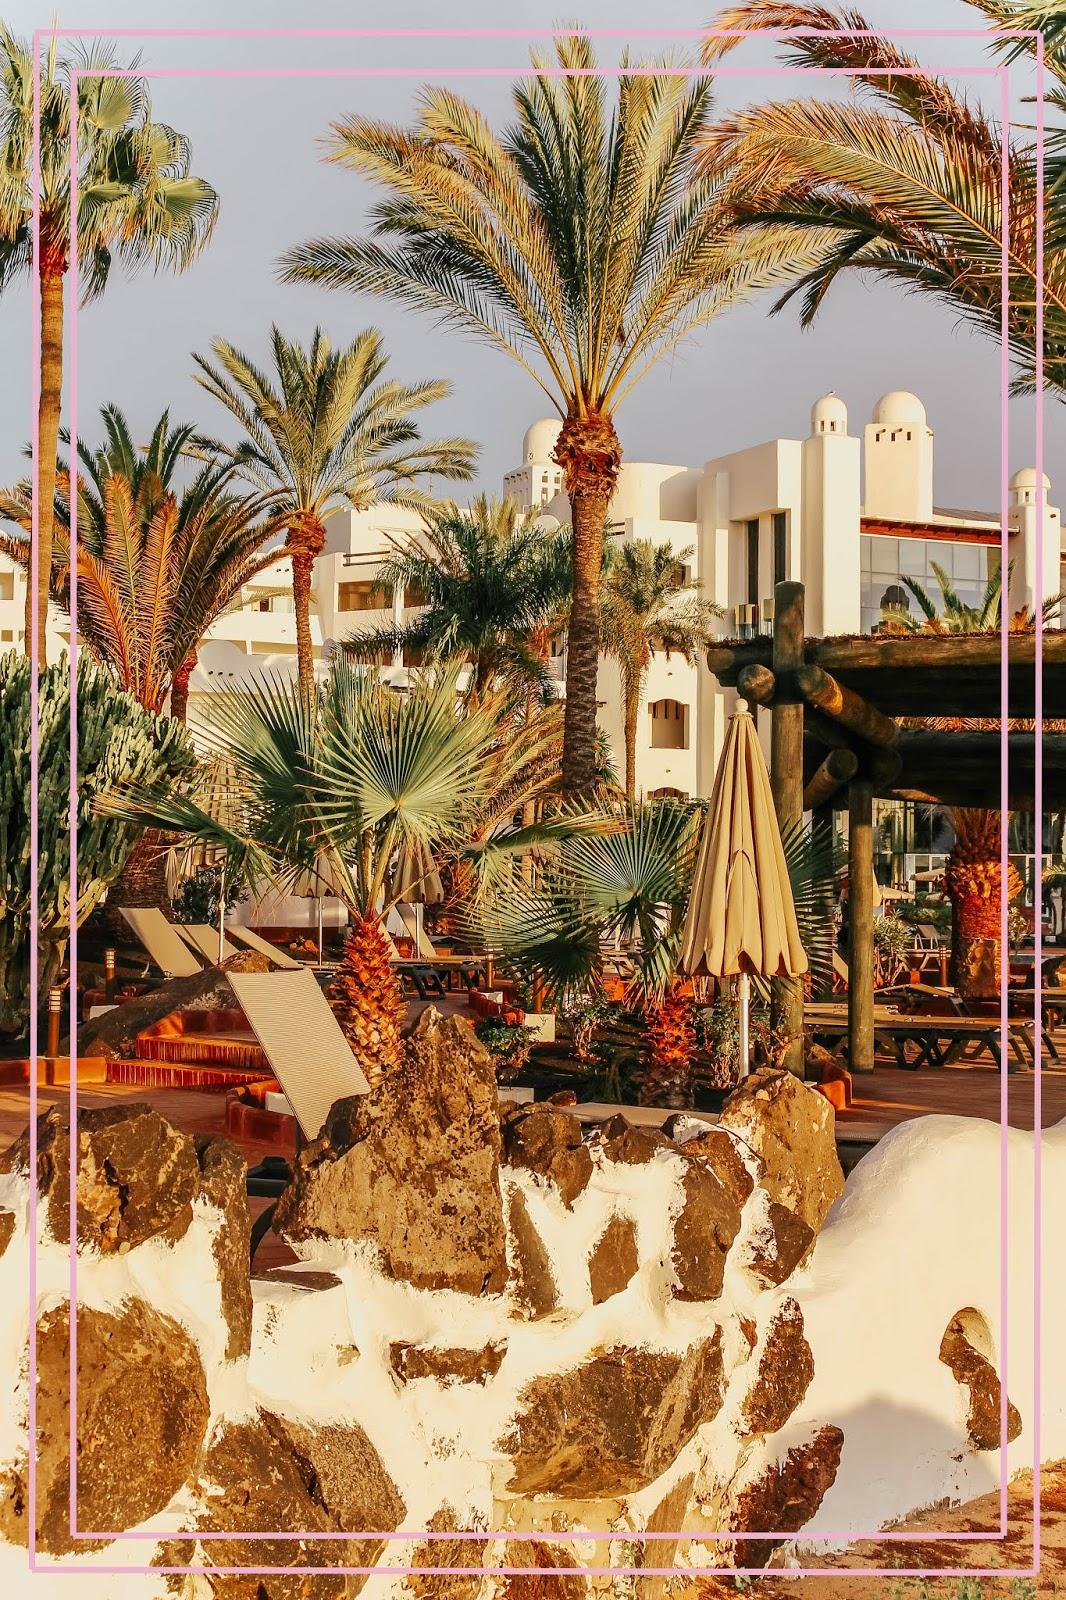 Lanzarote Playa Blanca Palm Trees